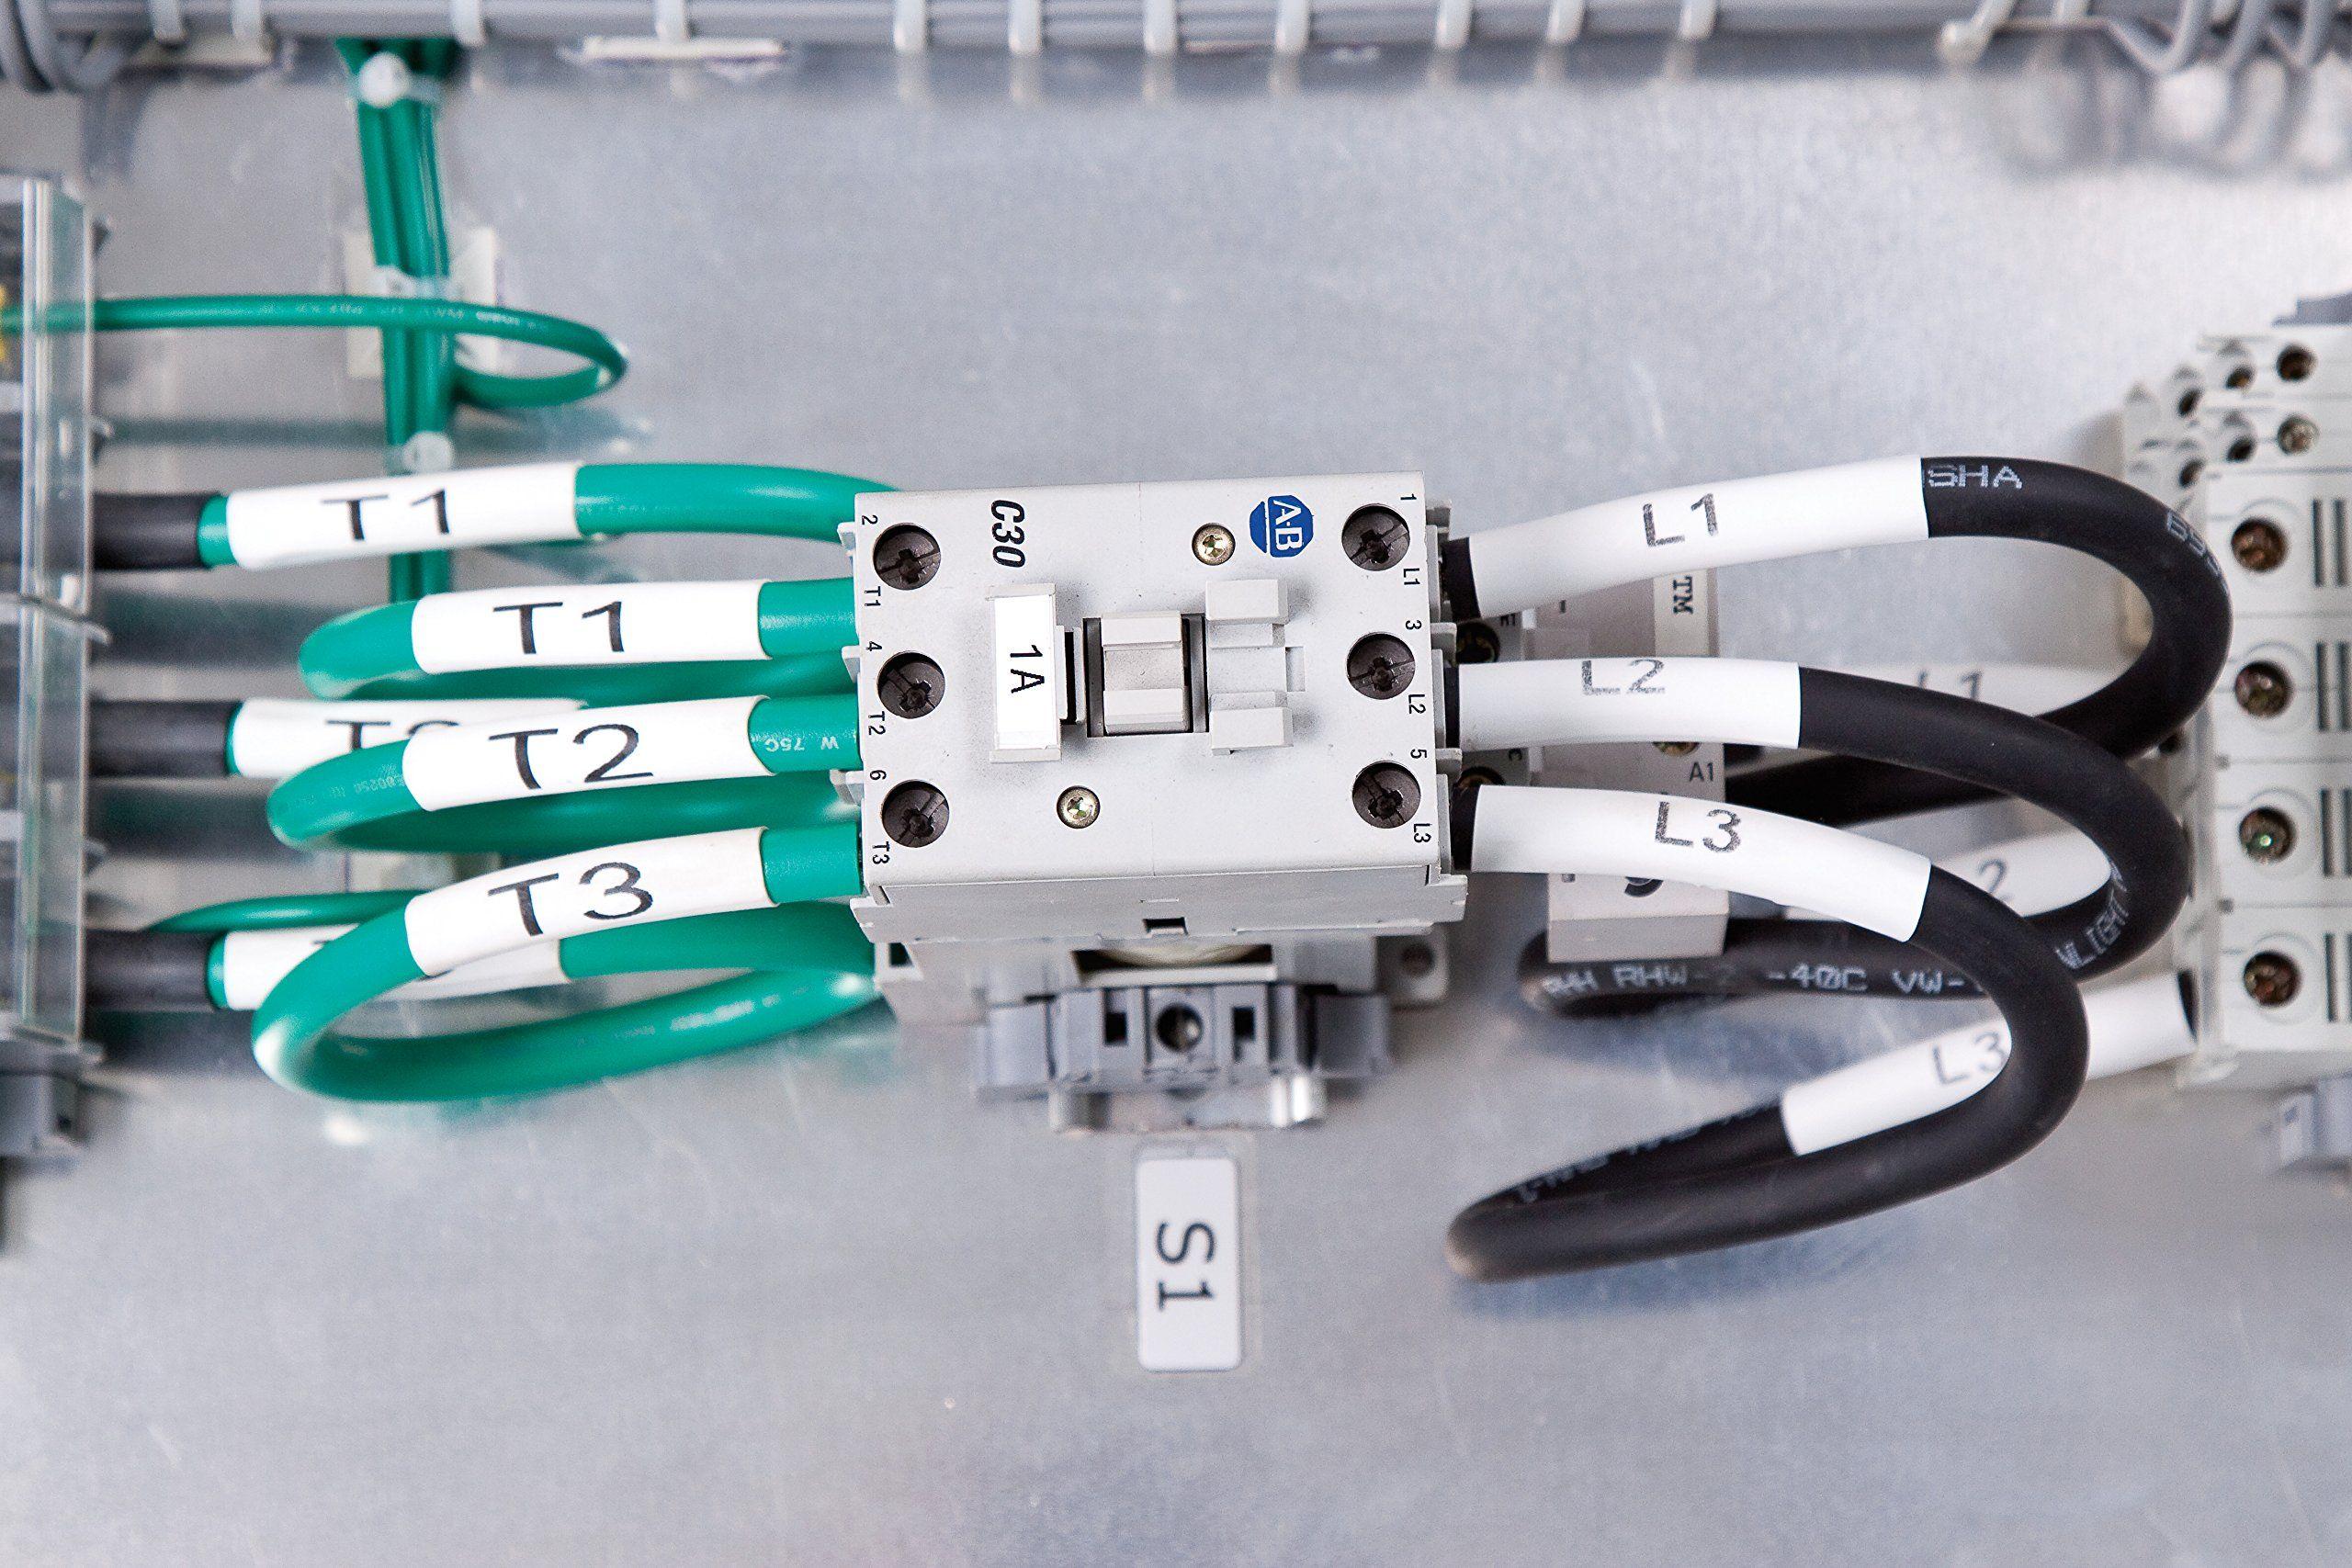 Brady Permasleeve Wire Marking Sleeves | Brady Permasleeve Heatshrink Polyolefin Wire Marking Sleeves